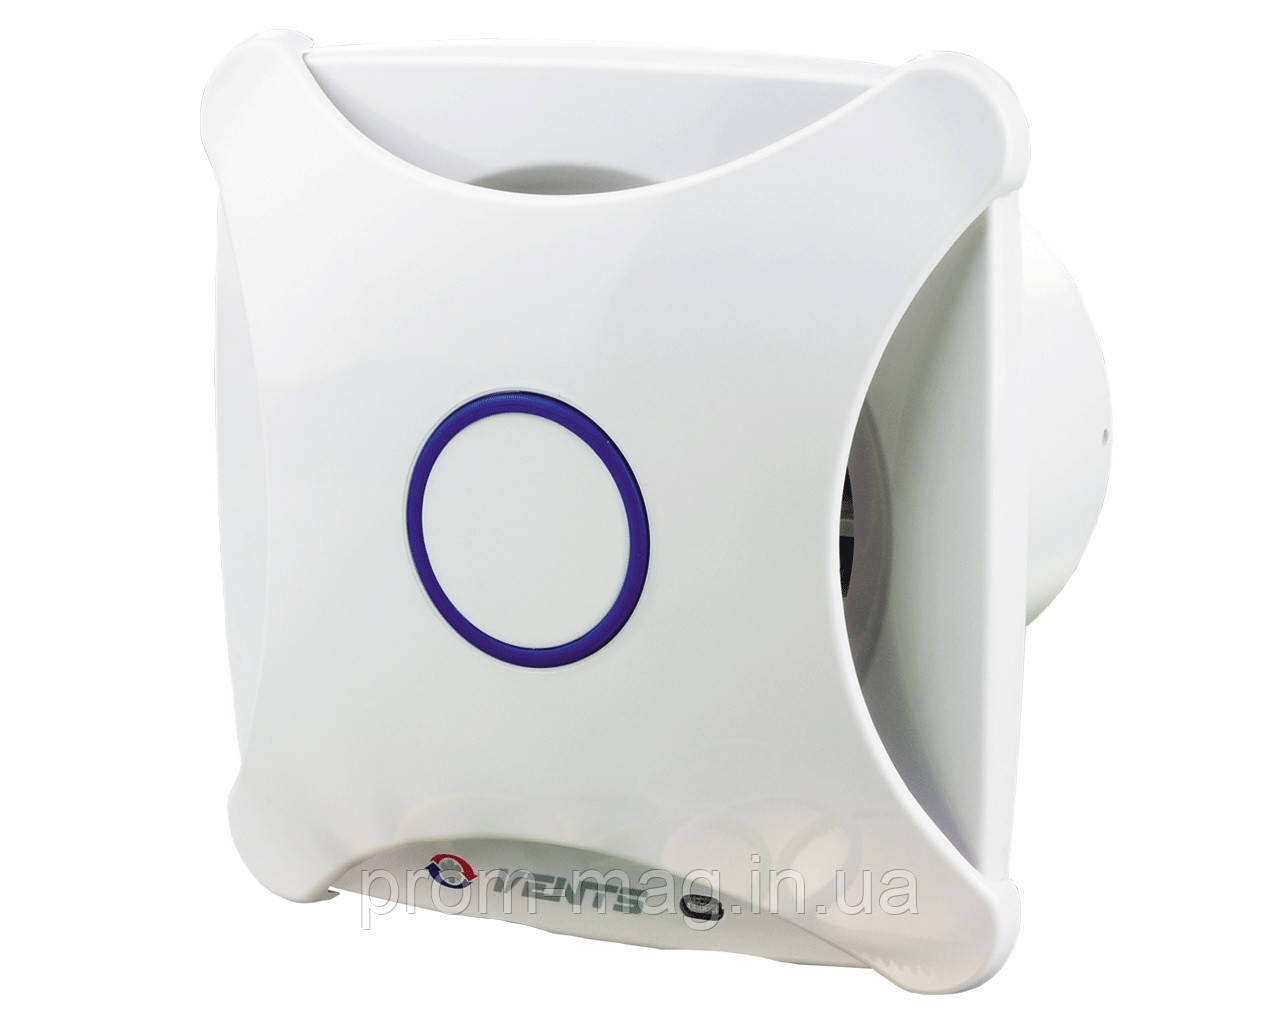 Вентилятор Вентс 125 ХВТ